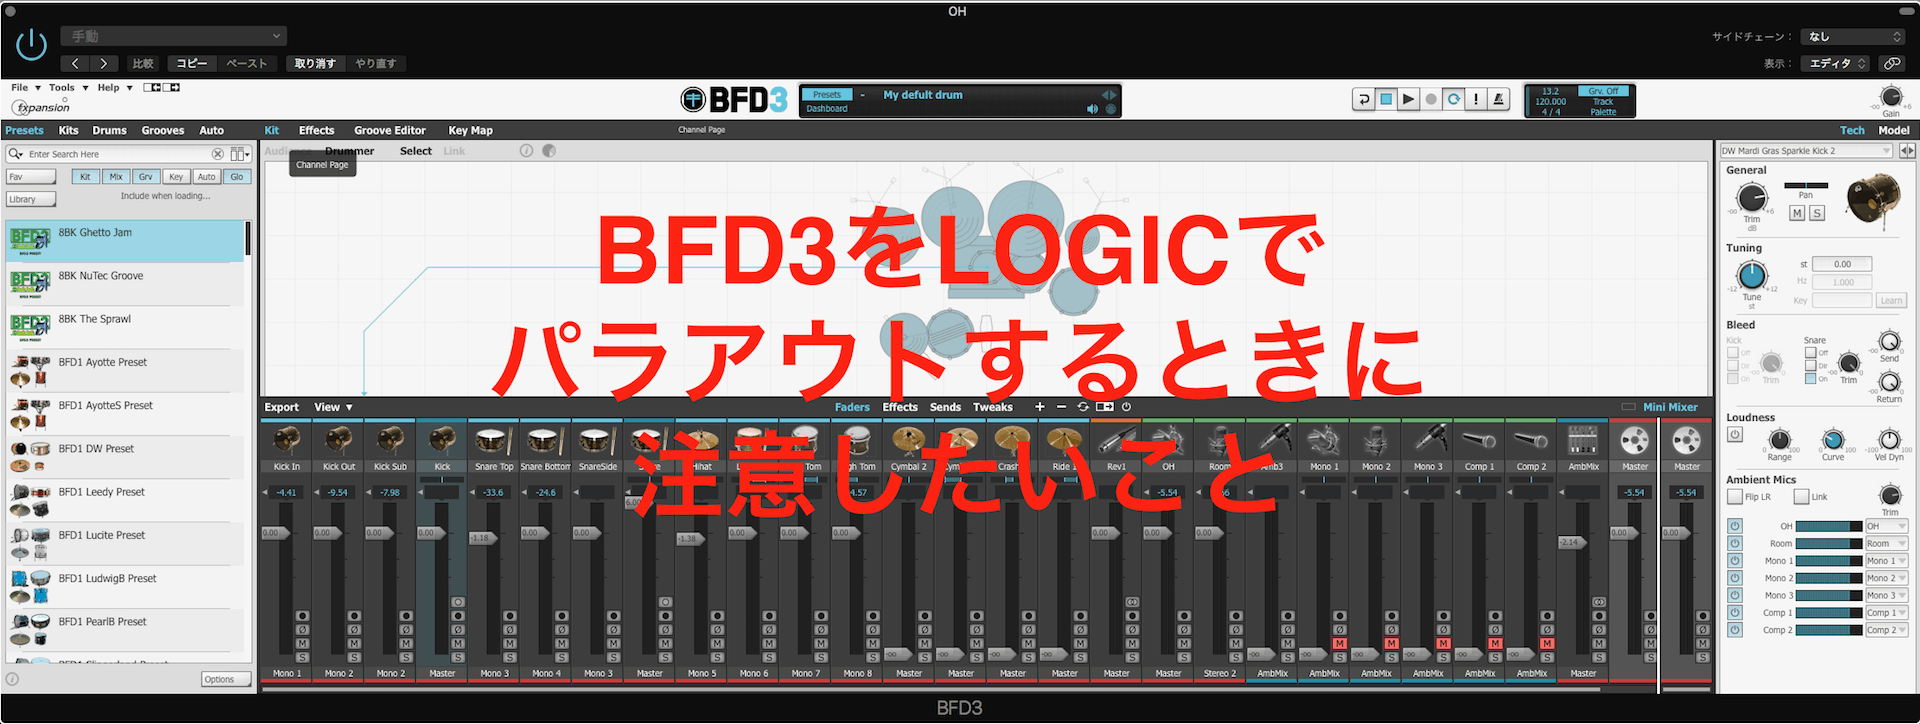 BFD3をLOGICでパラアウトするときに注意したいこと